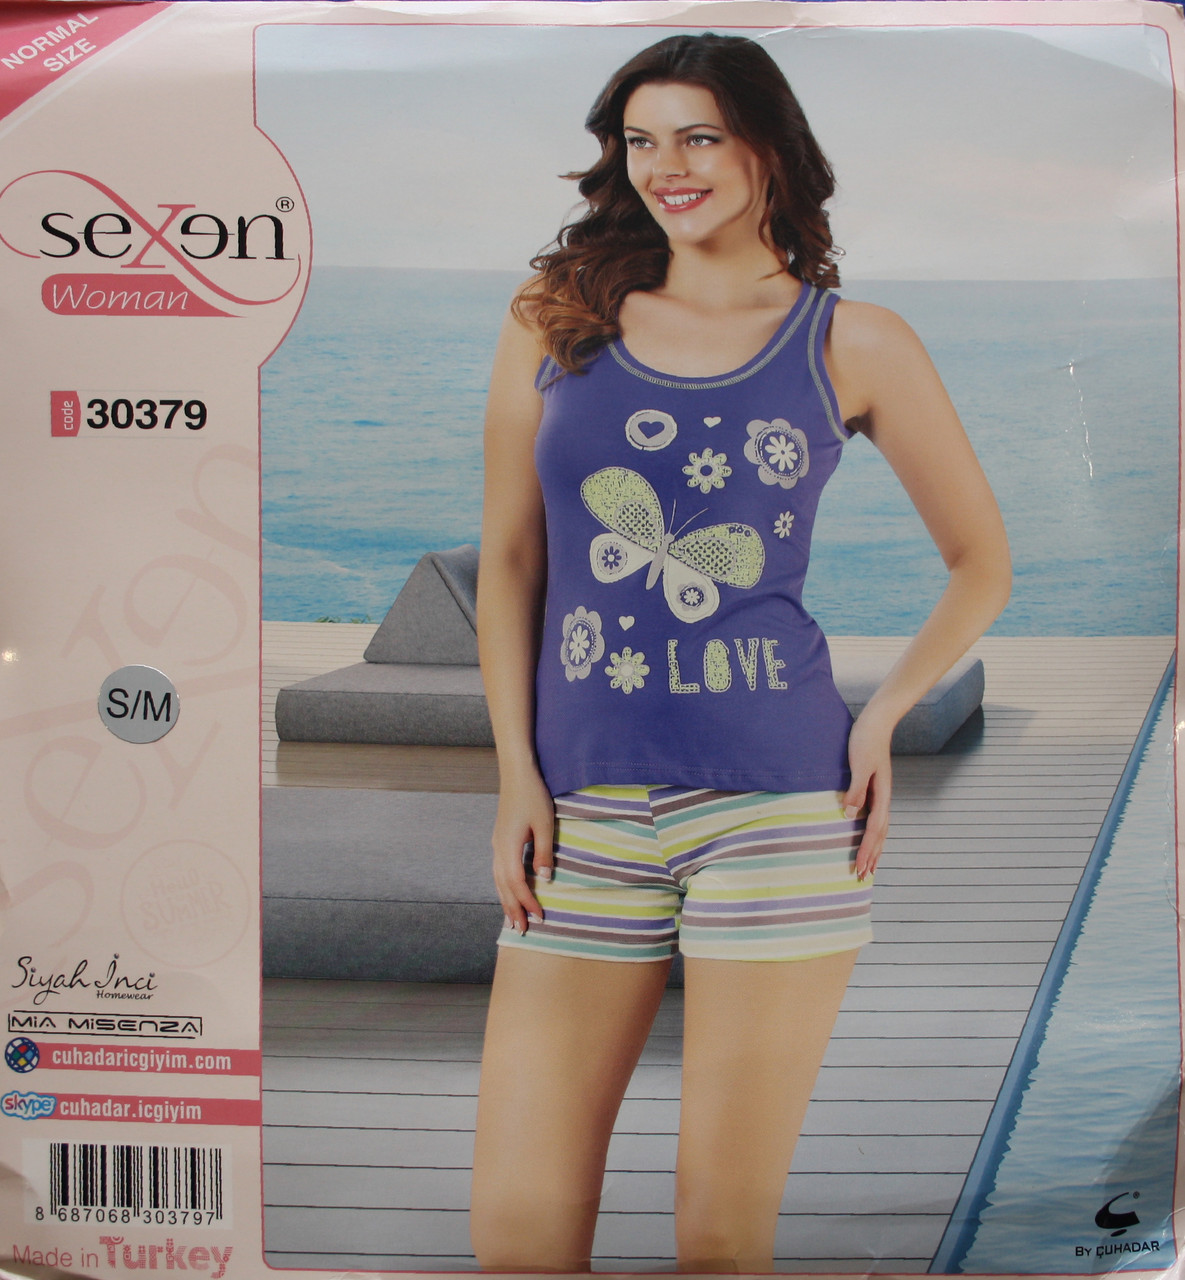 Річна піжама для жінок - шорти і майка SEXEN 30379